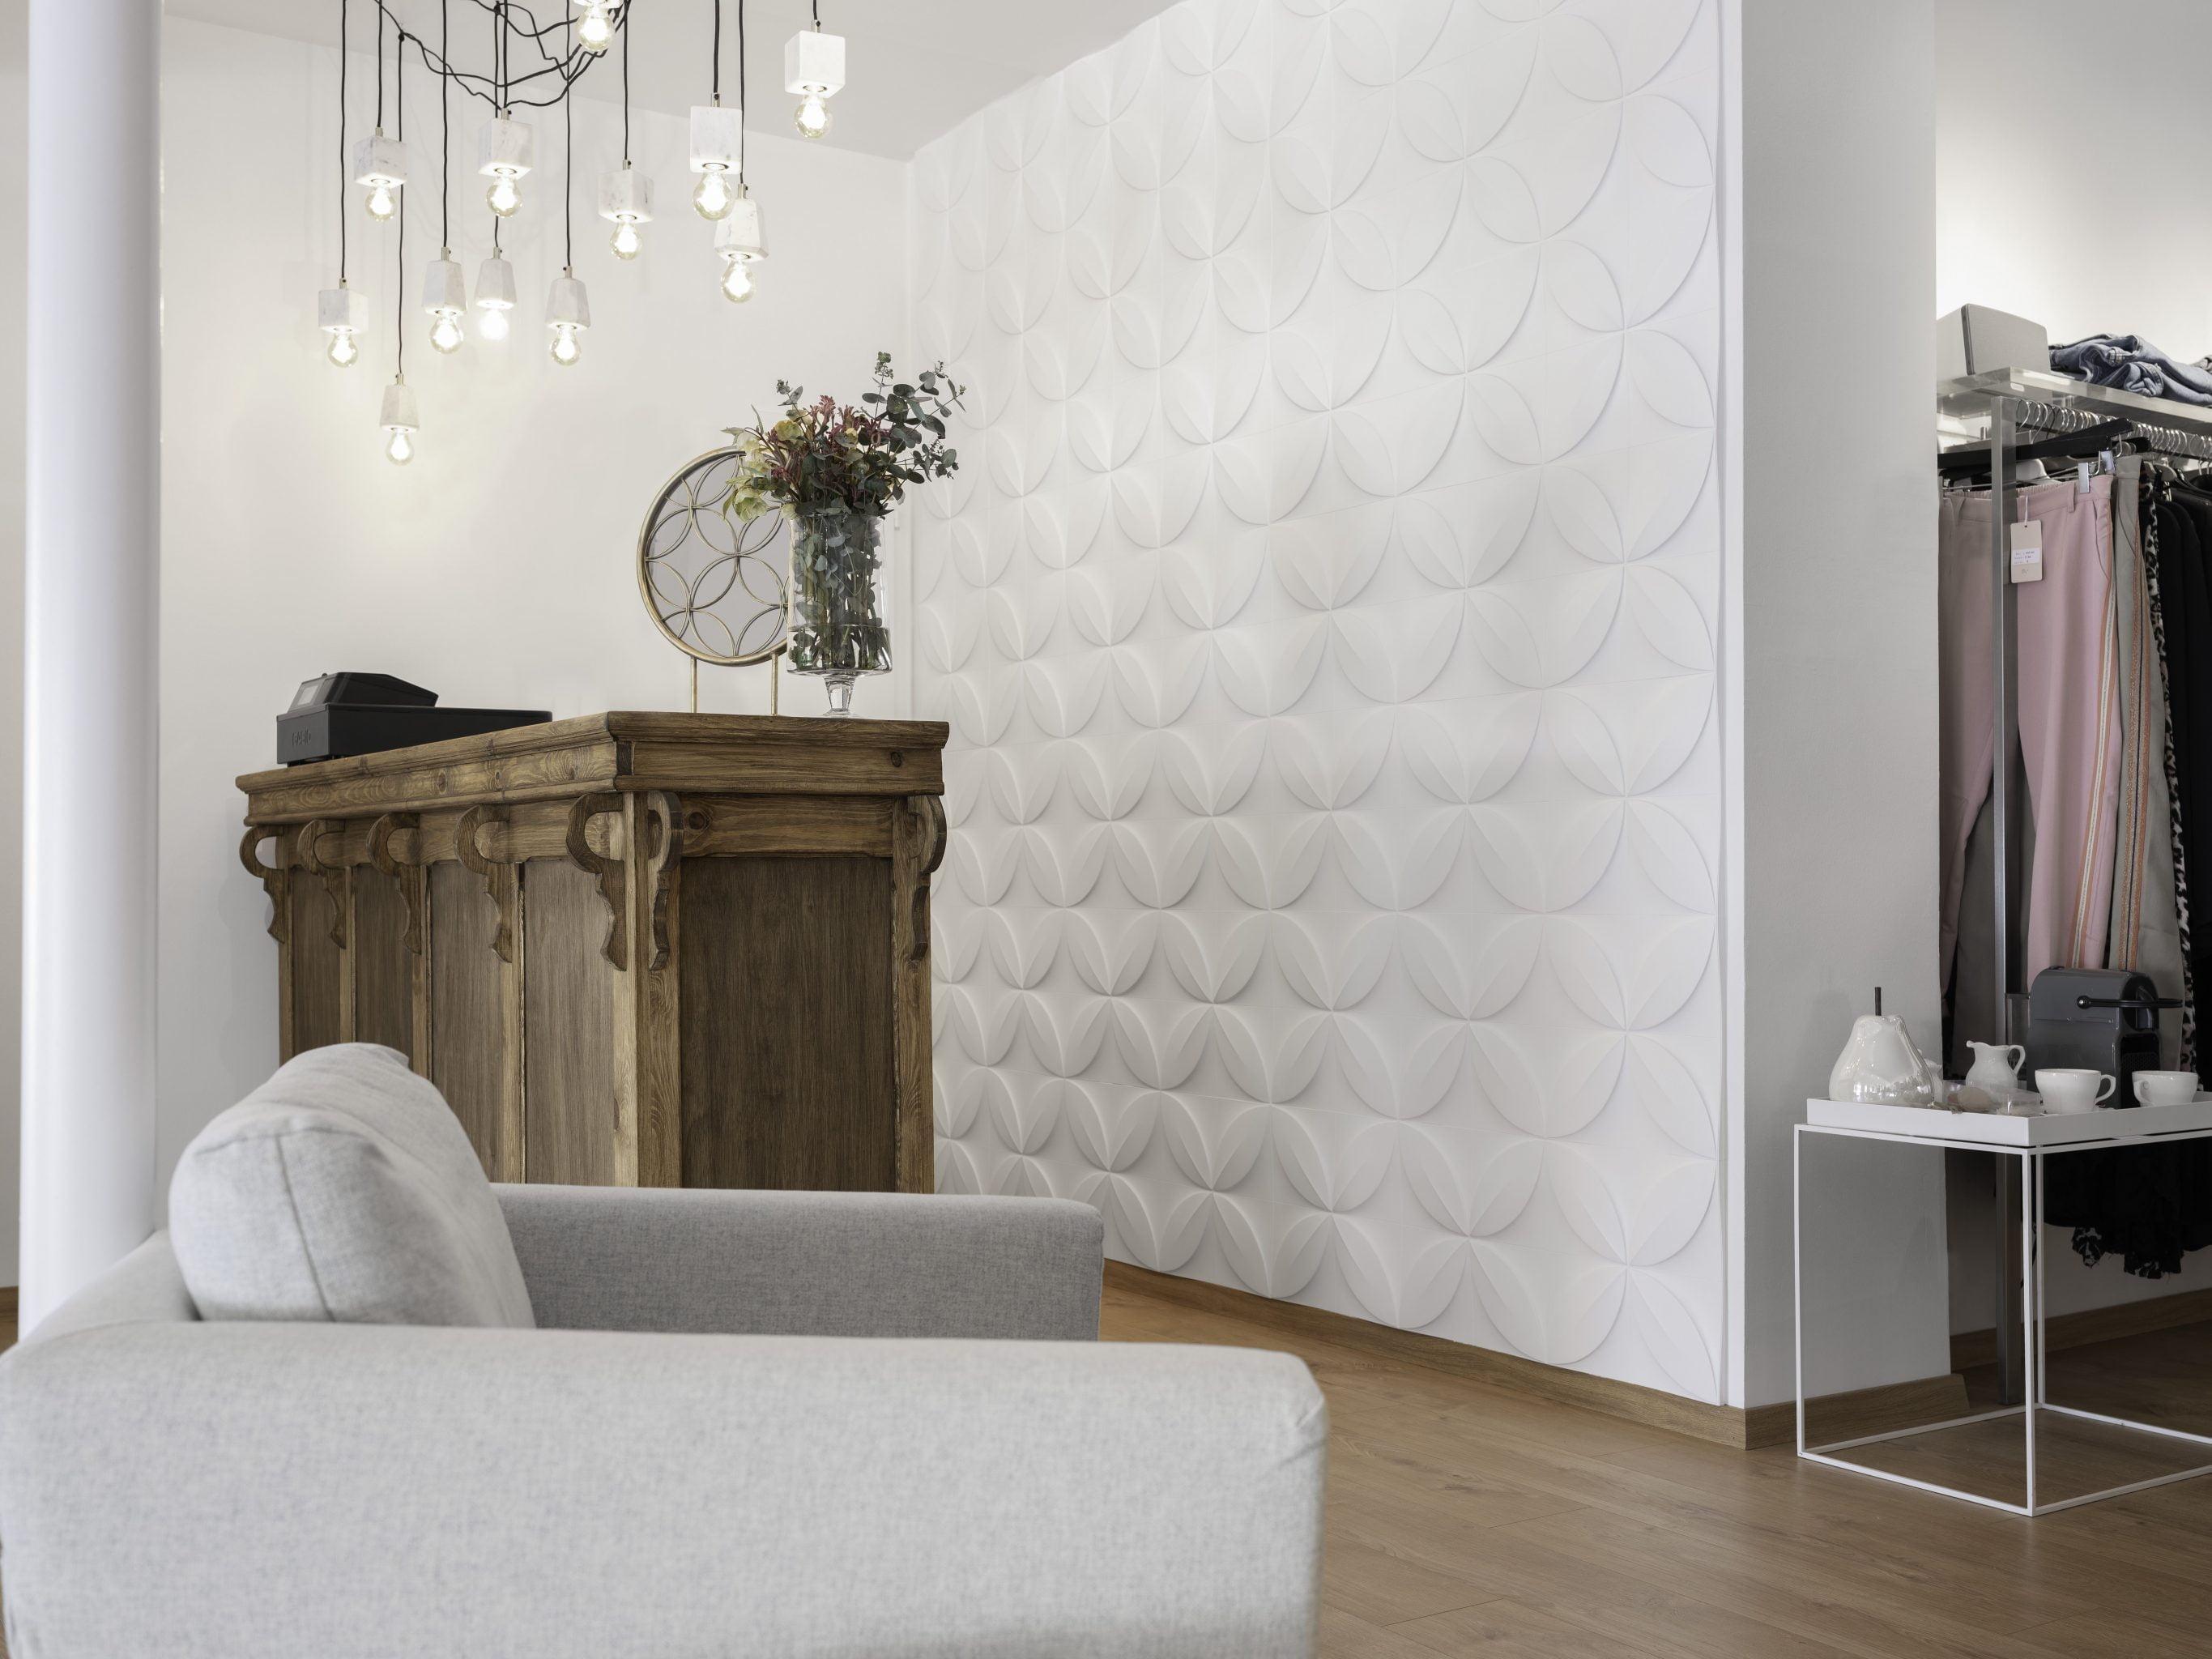 Inspiration Nmc Decoration Benelux